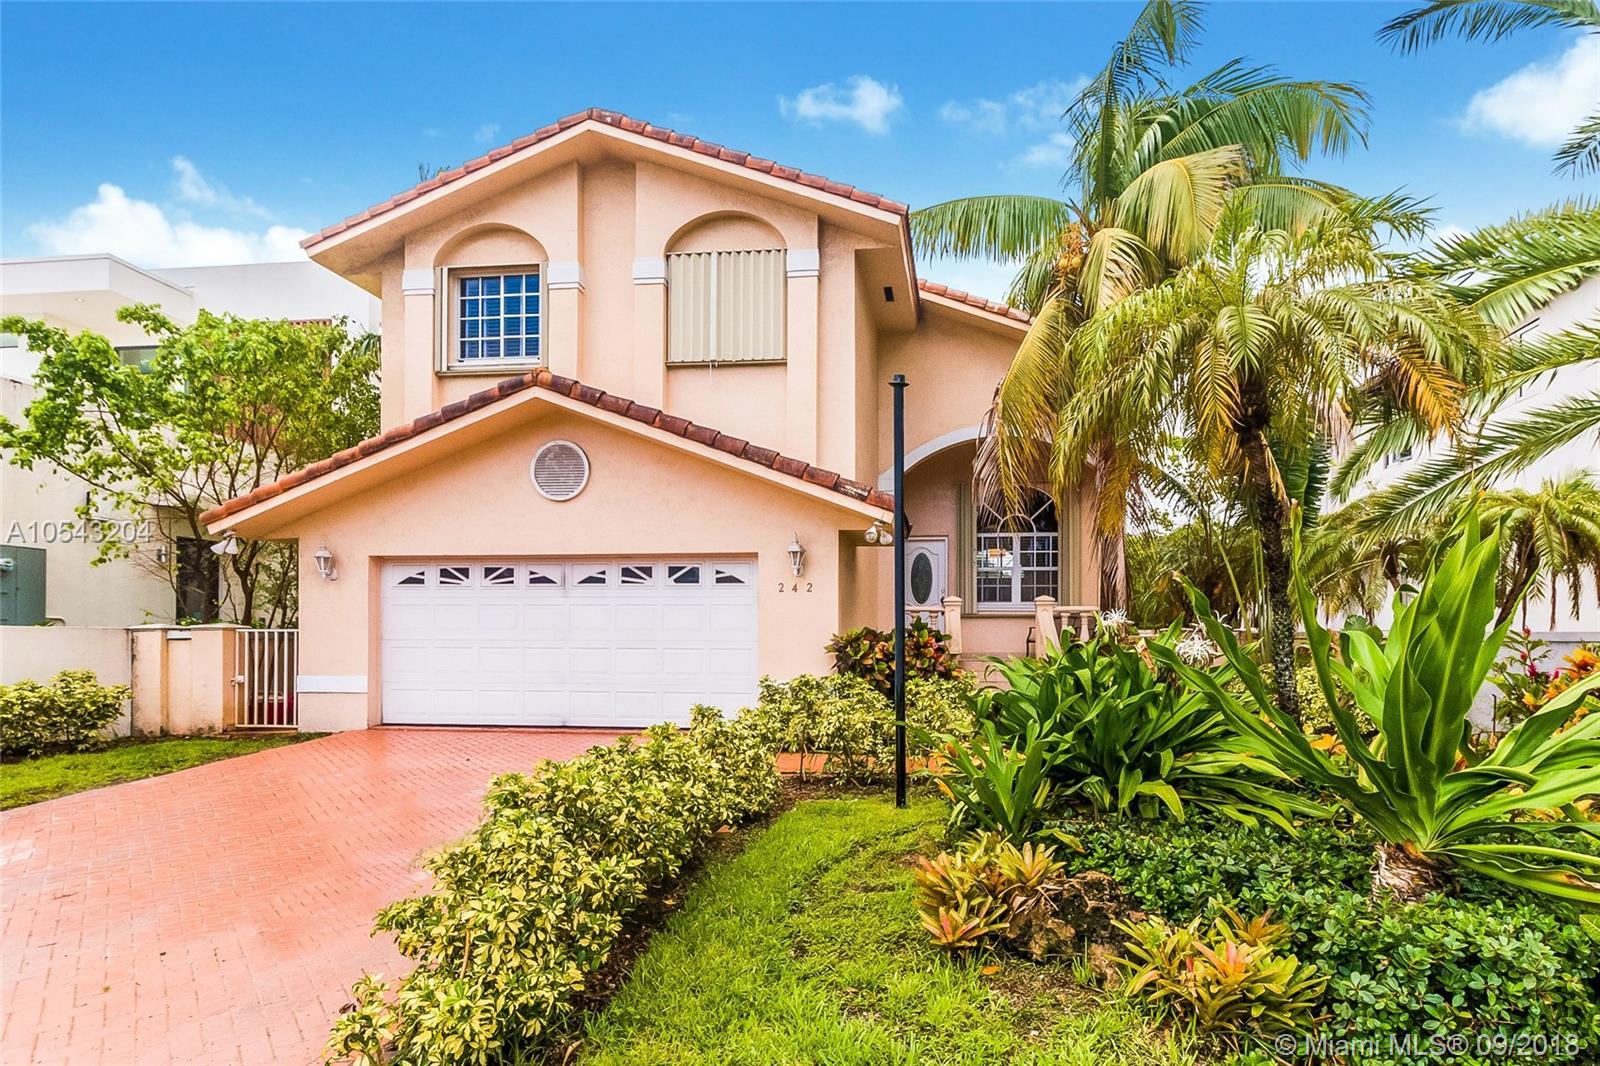 242 Palm ave- miami-beach-fl-33139-a10543204-Pic01